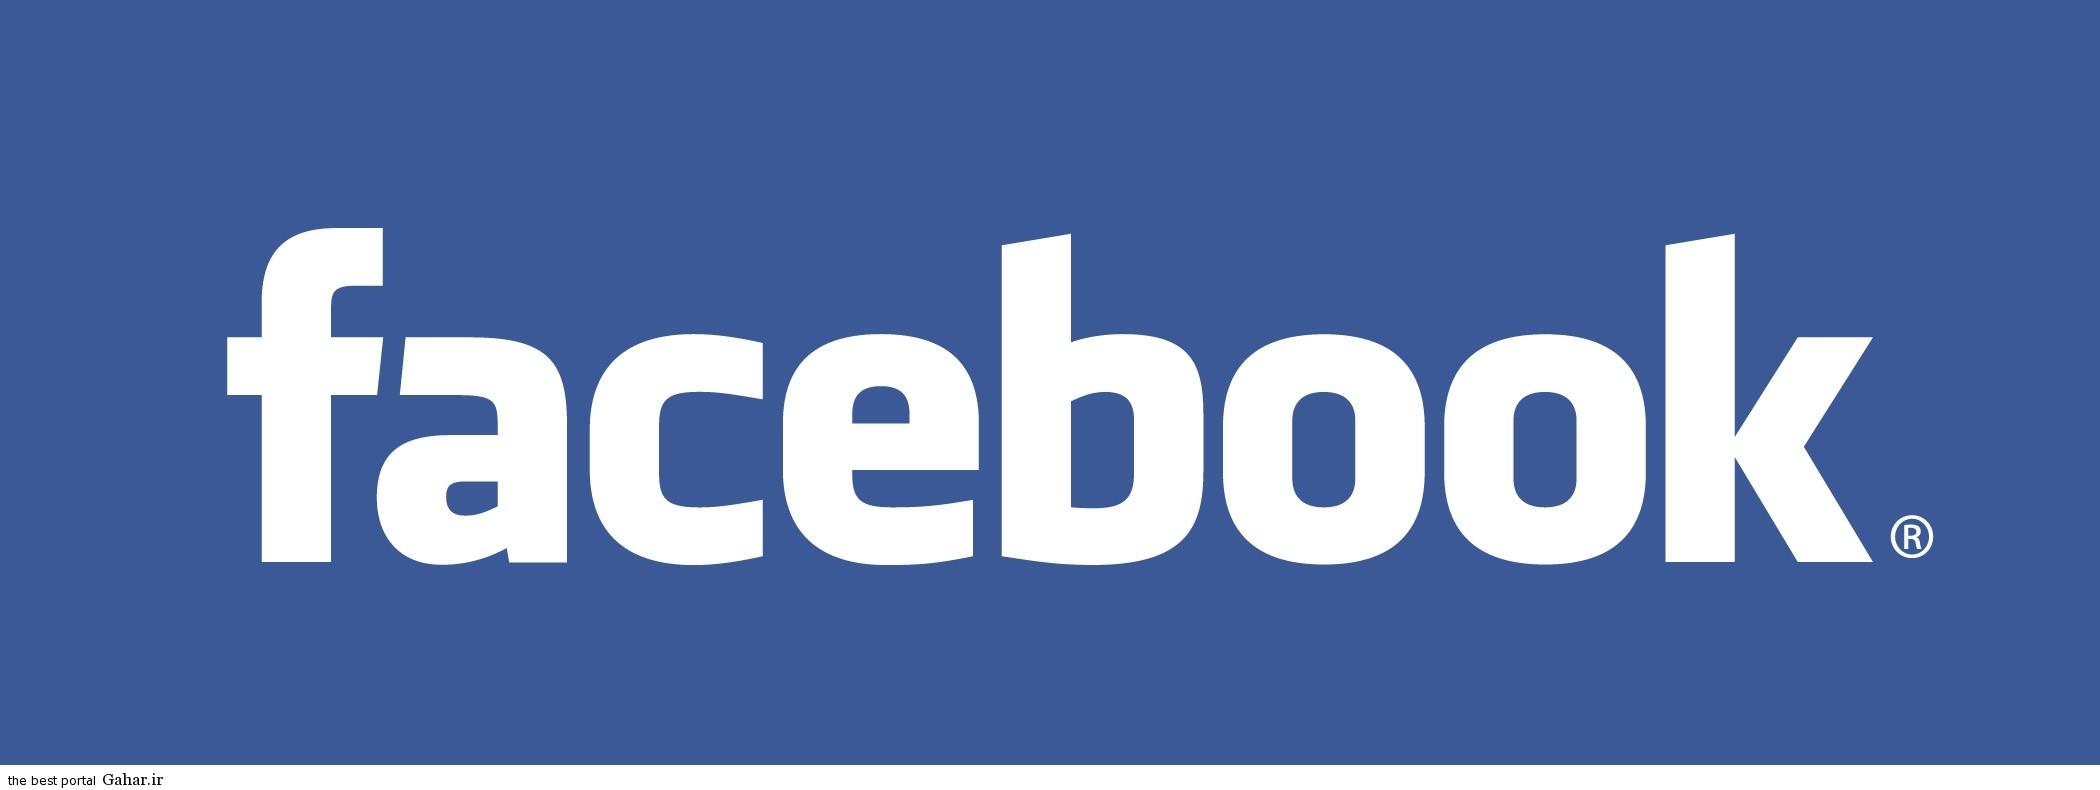 facebook1 خاککردن خاطرات بد توسط فیسبوک